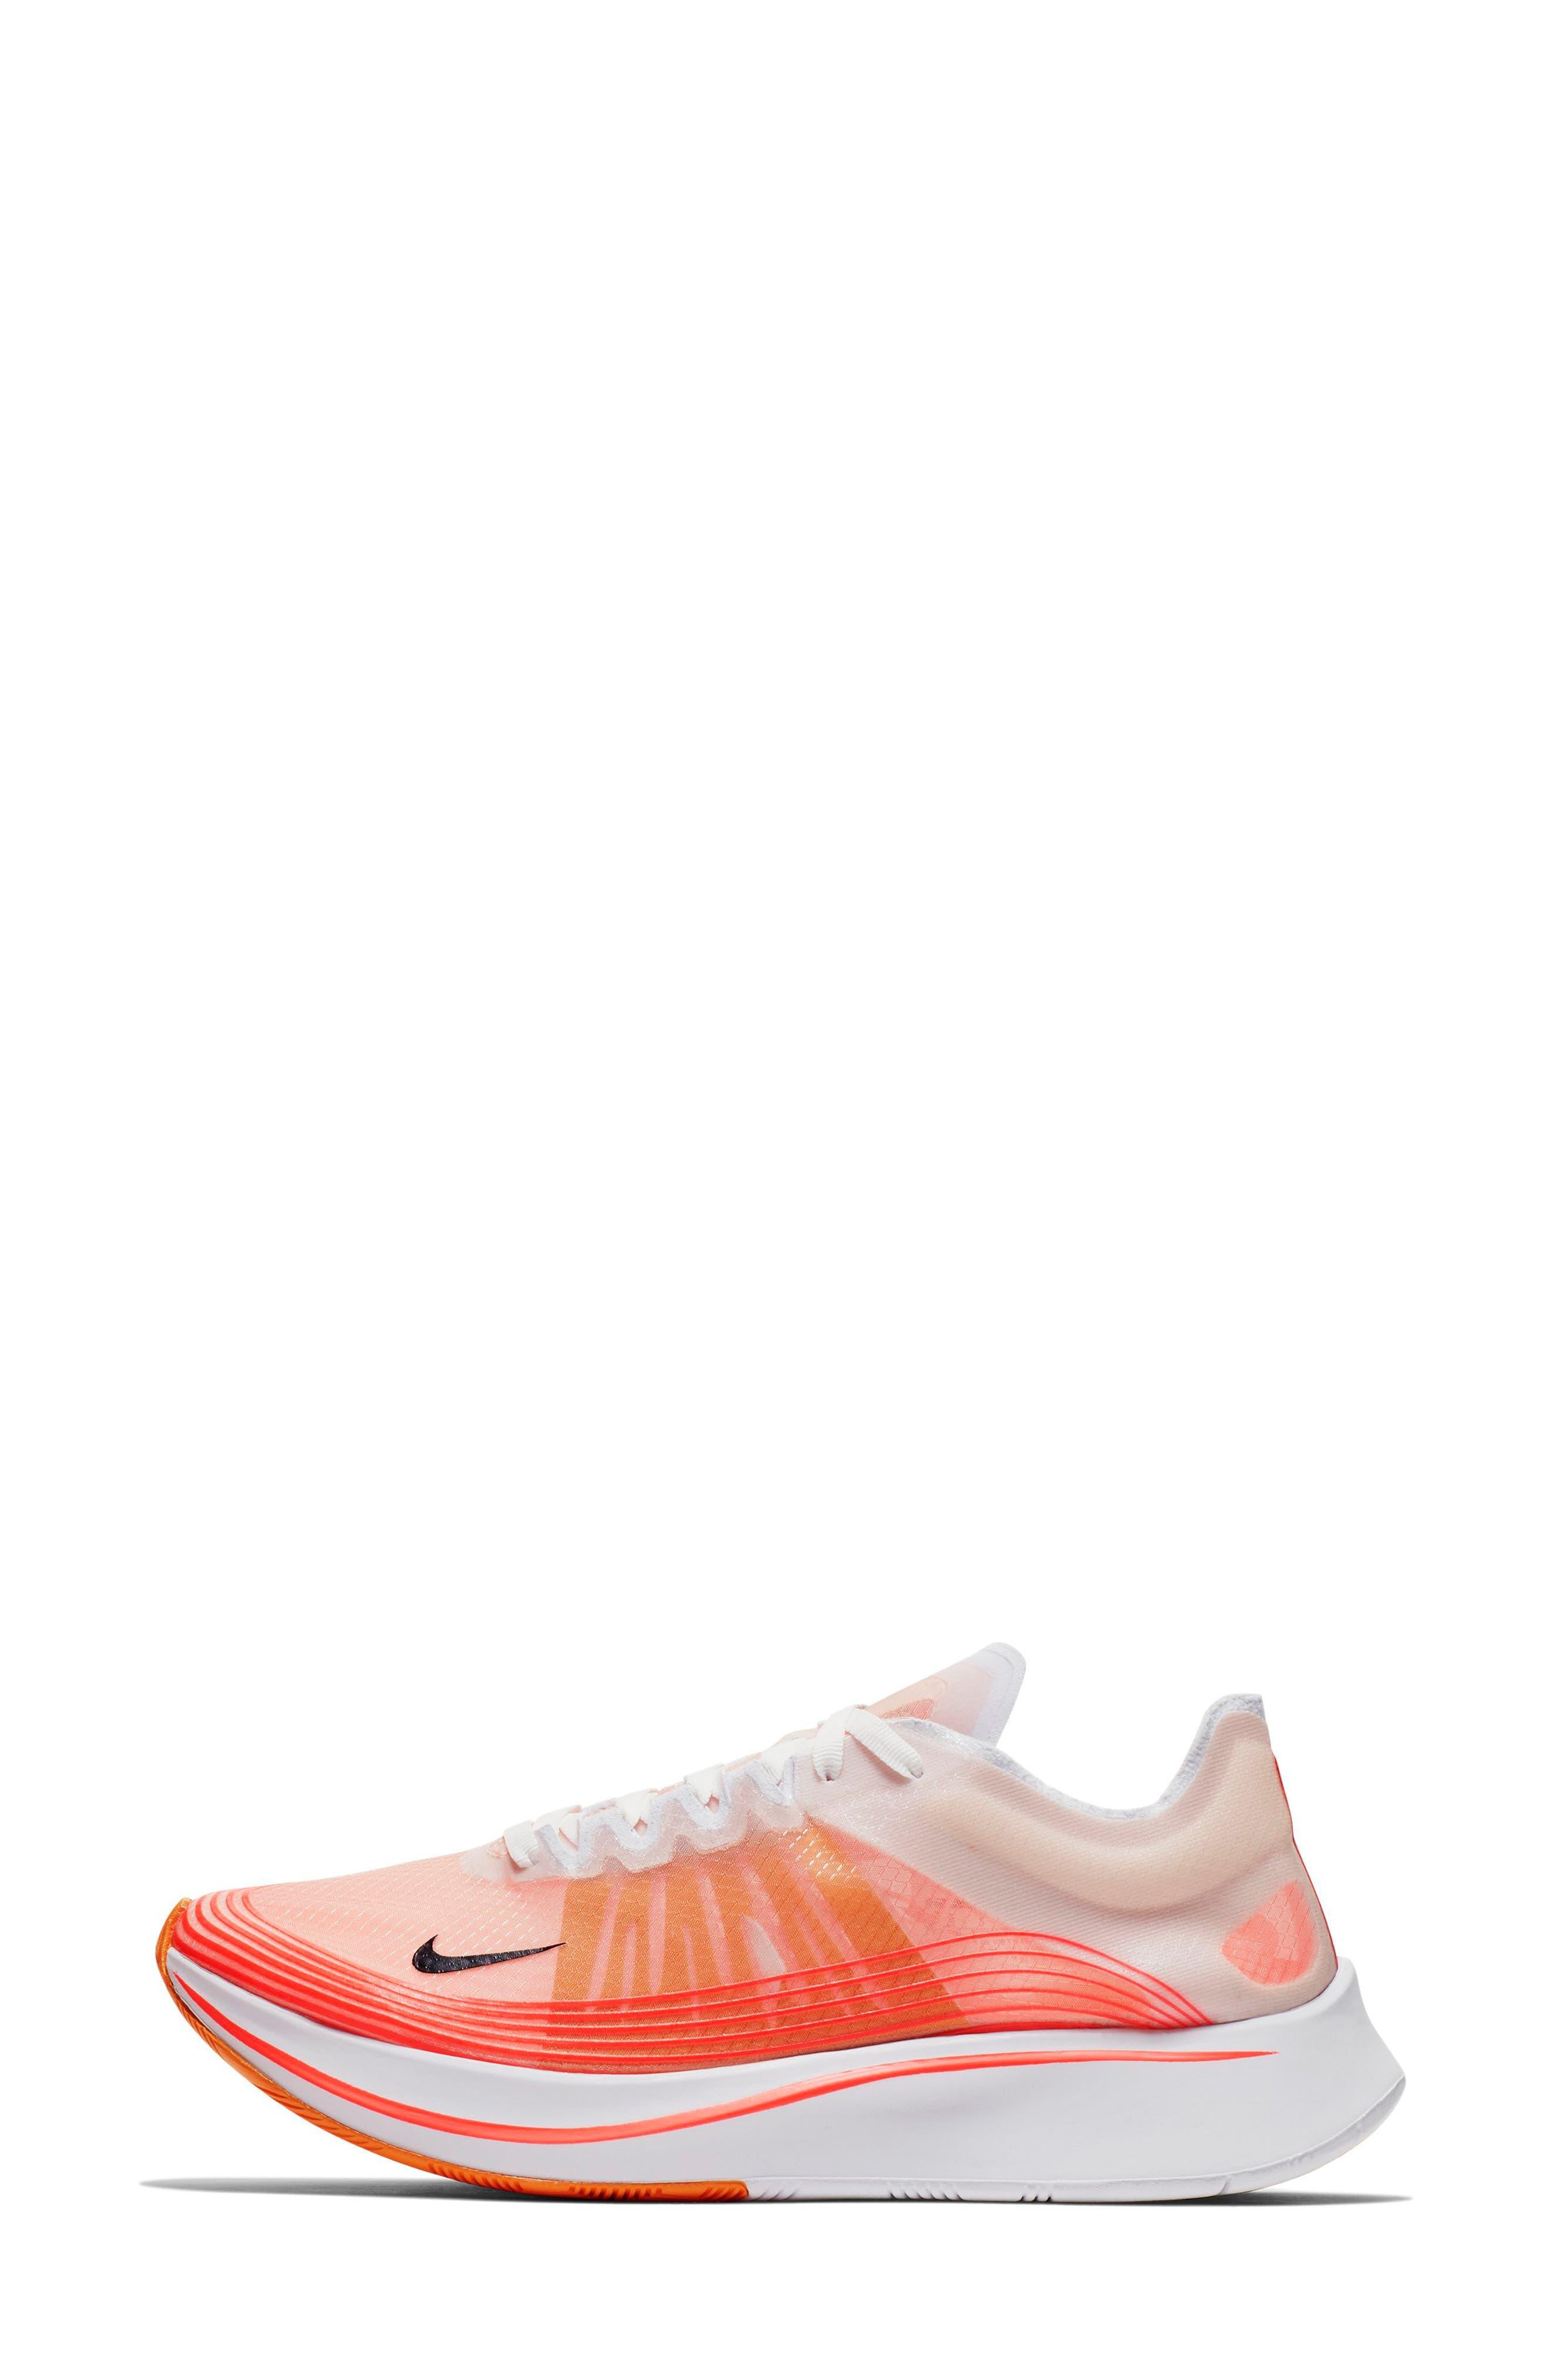 Zoom Fly SP Running Shoe,                             Alternate thumbnail 3, color,                             VARSITY RED/ BLACK/ WHITE